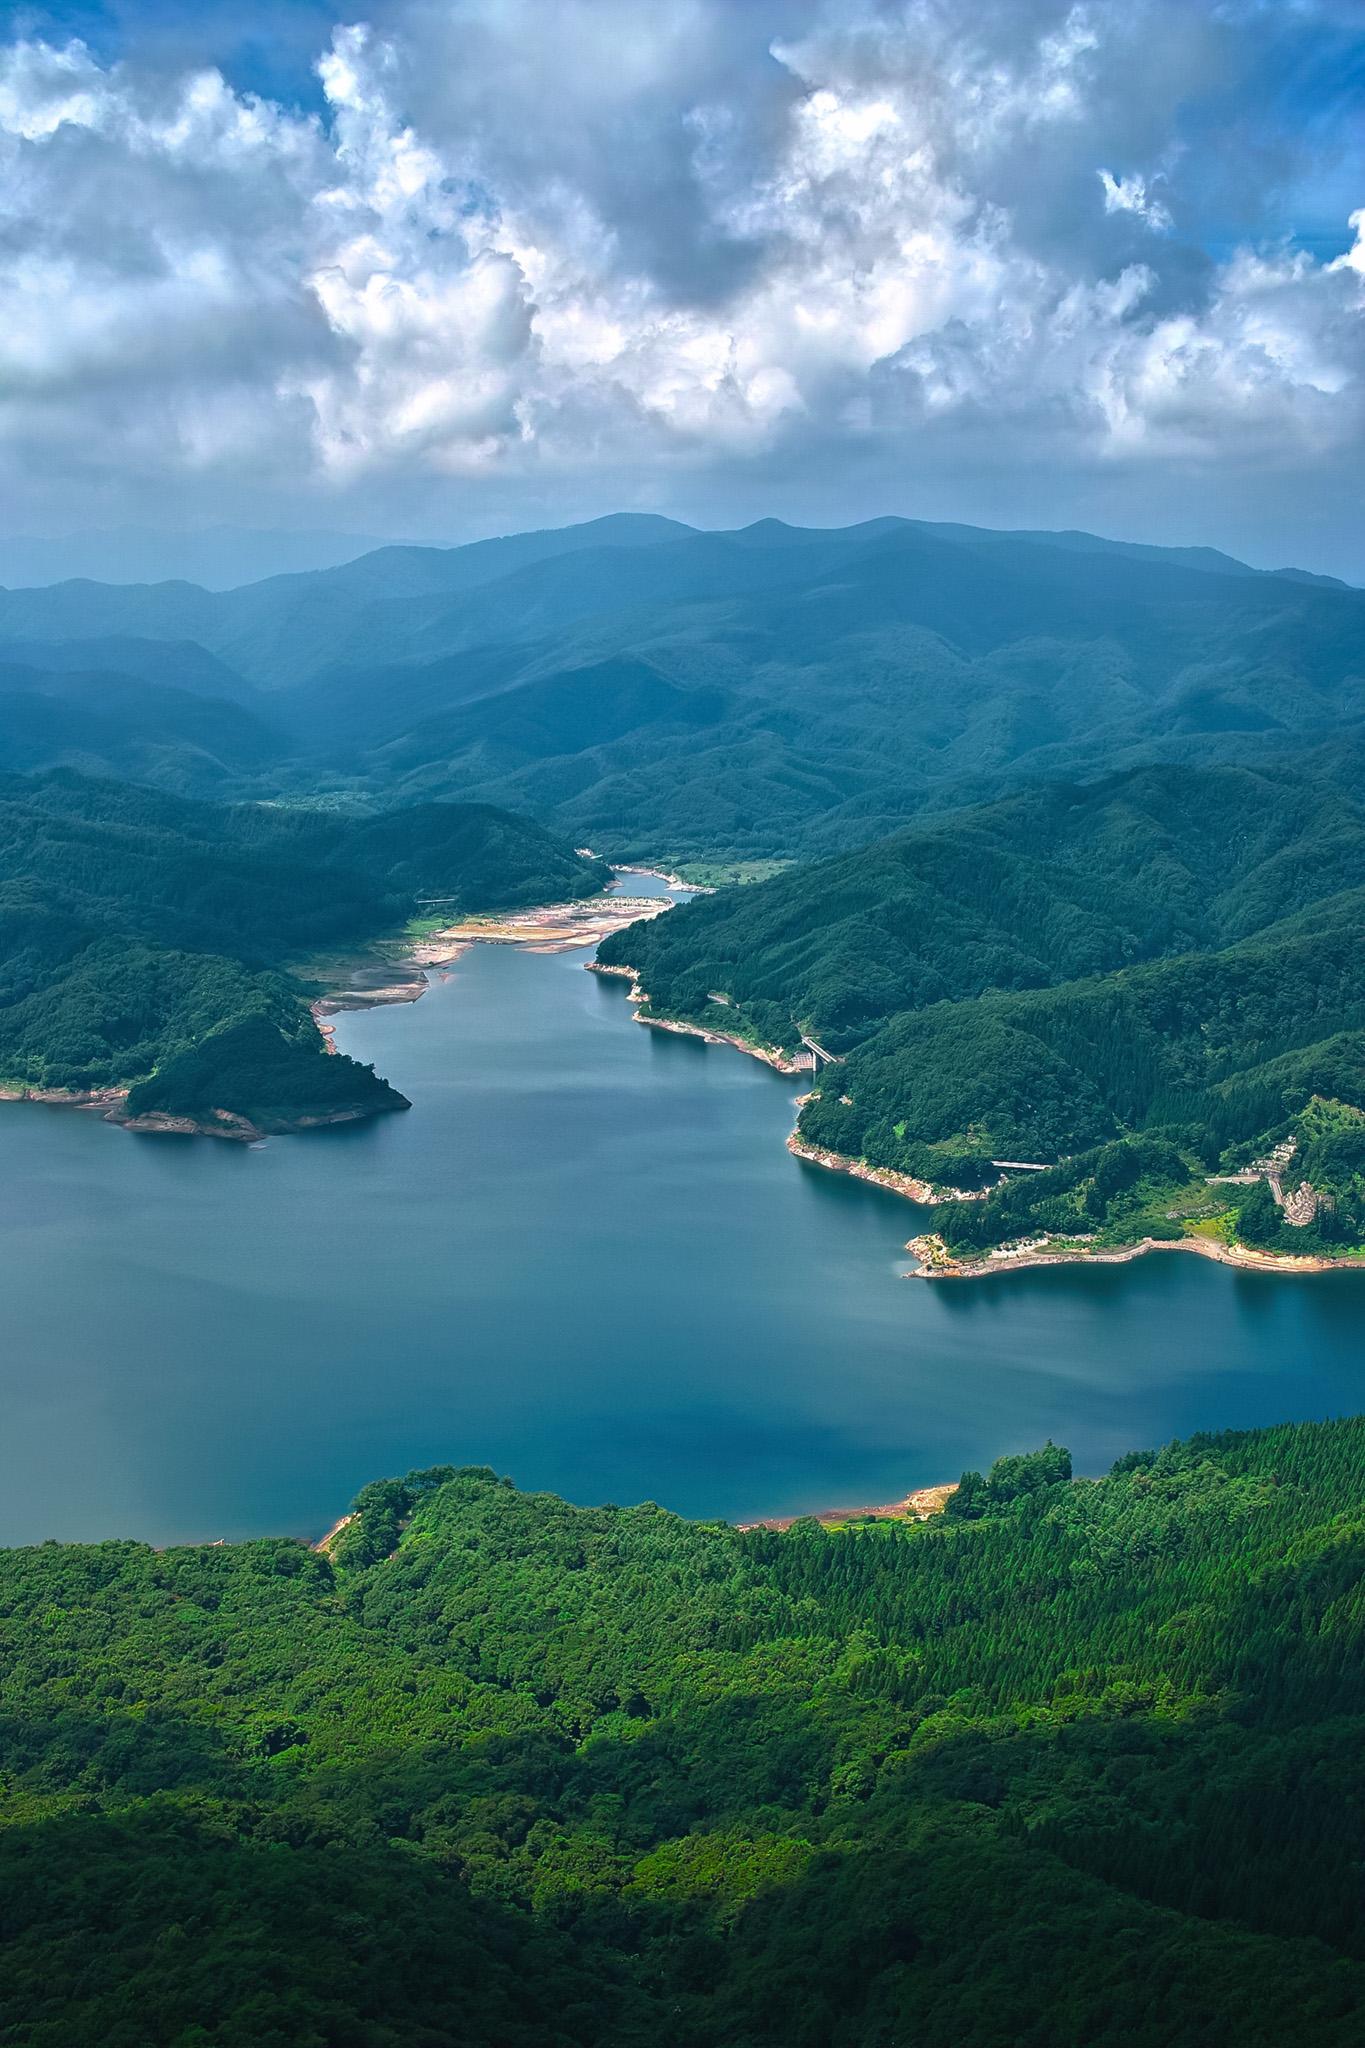 「美しい川の風景」のテクスチャを無料ダウンロード